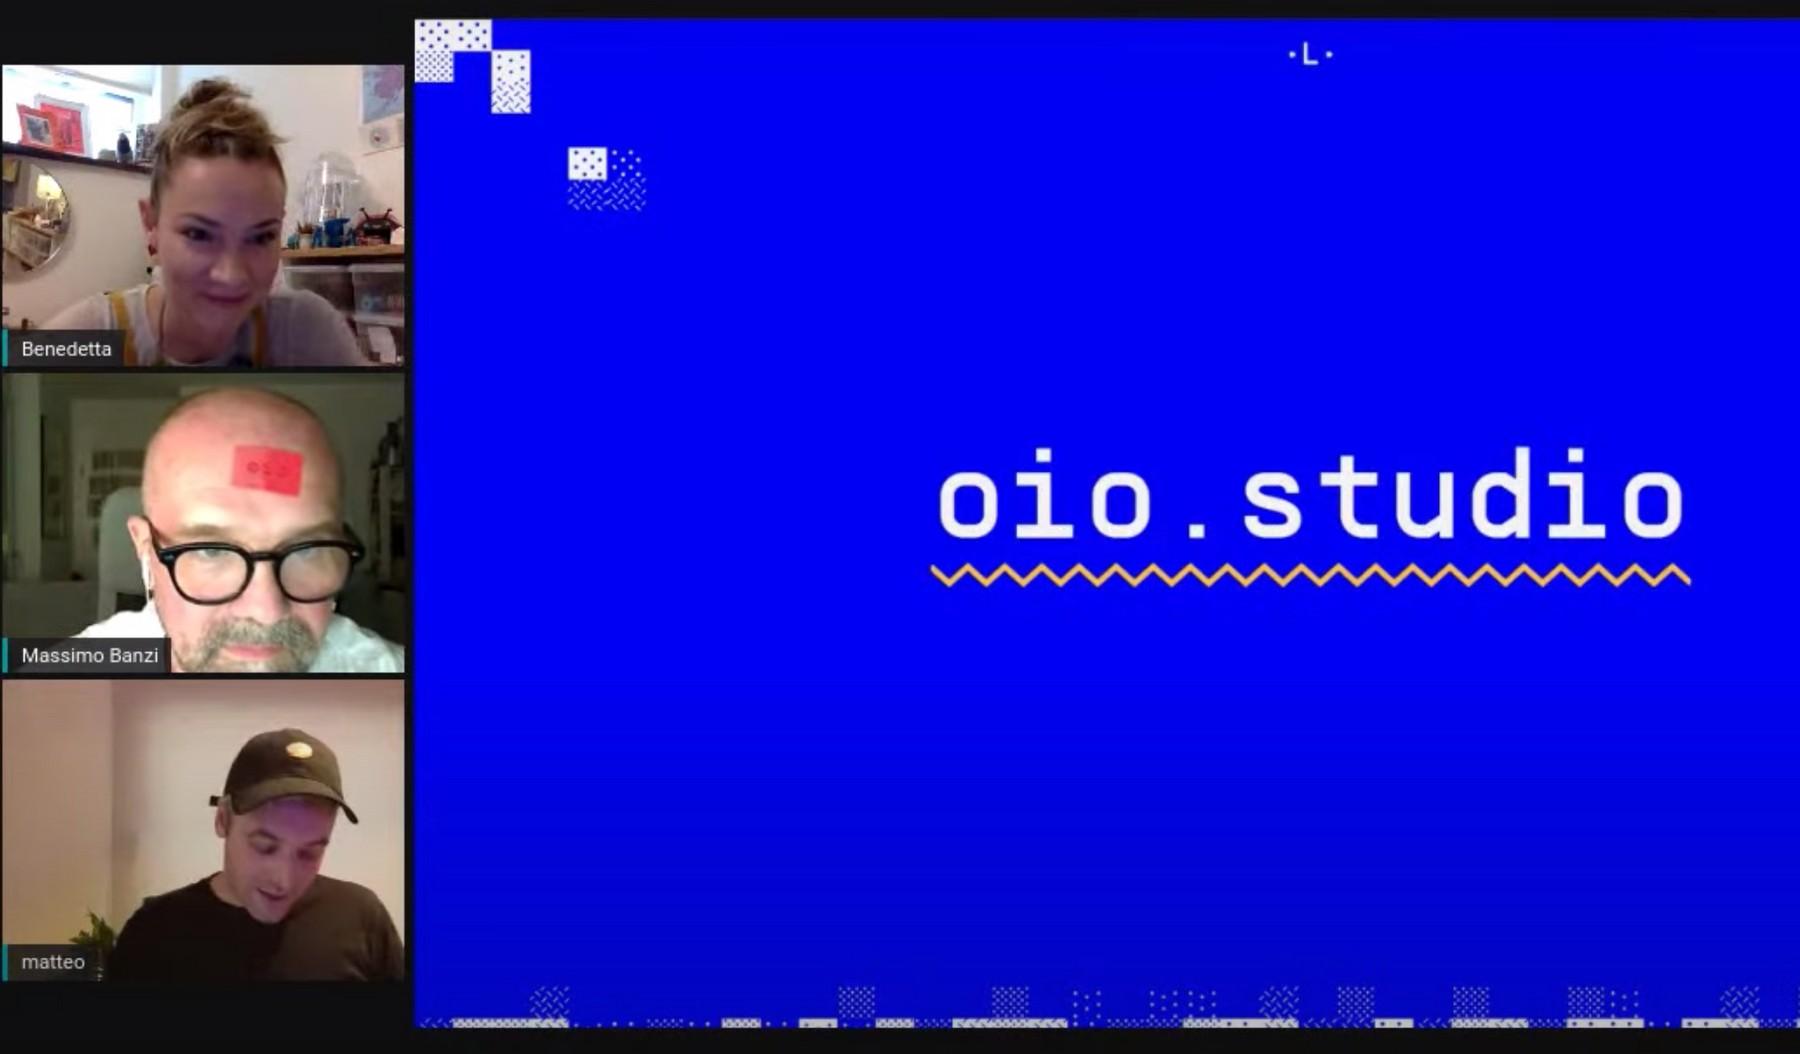 screen-shot-2020-05-27-at-12.15.30-pm.png